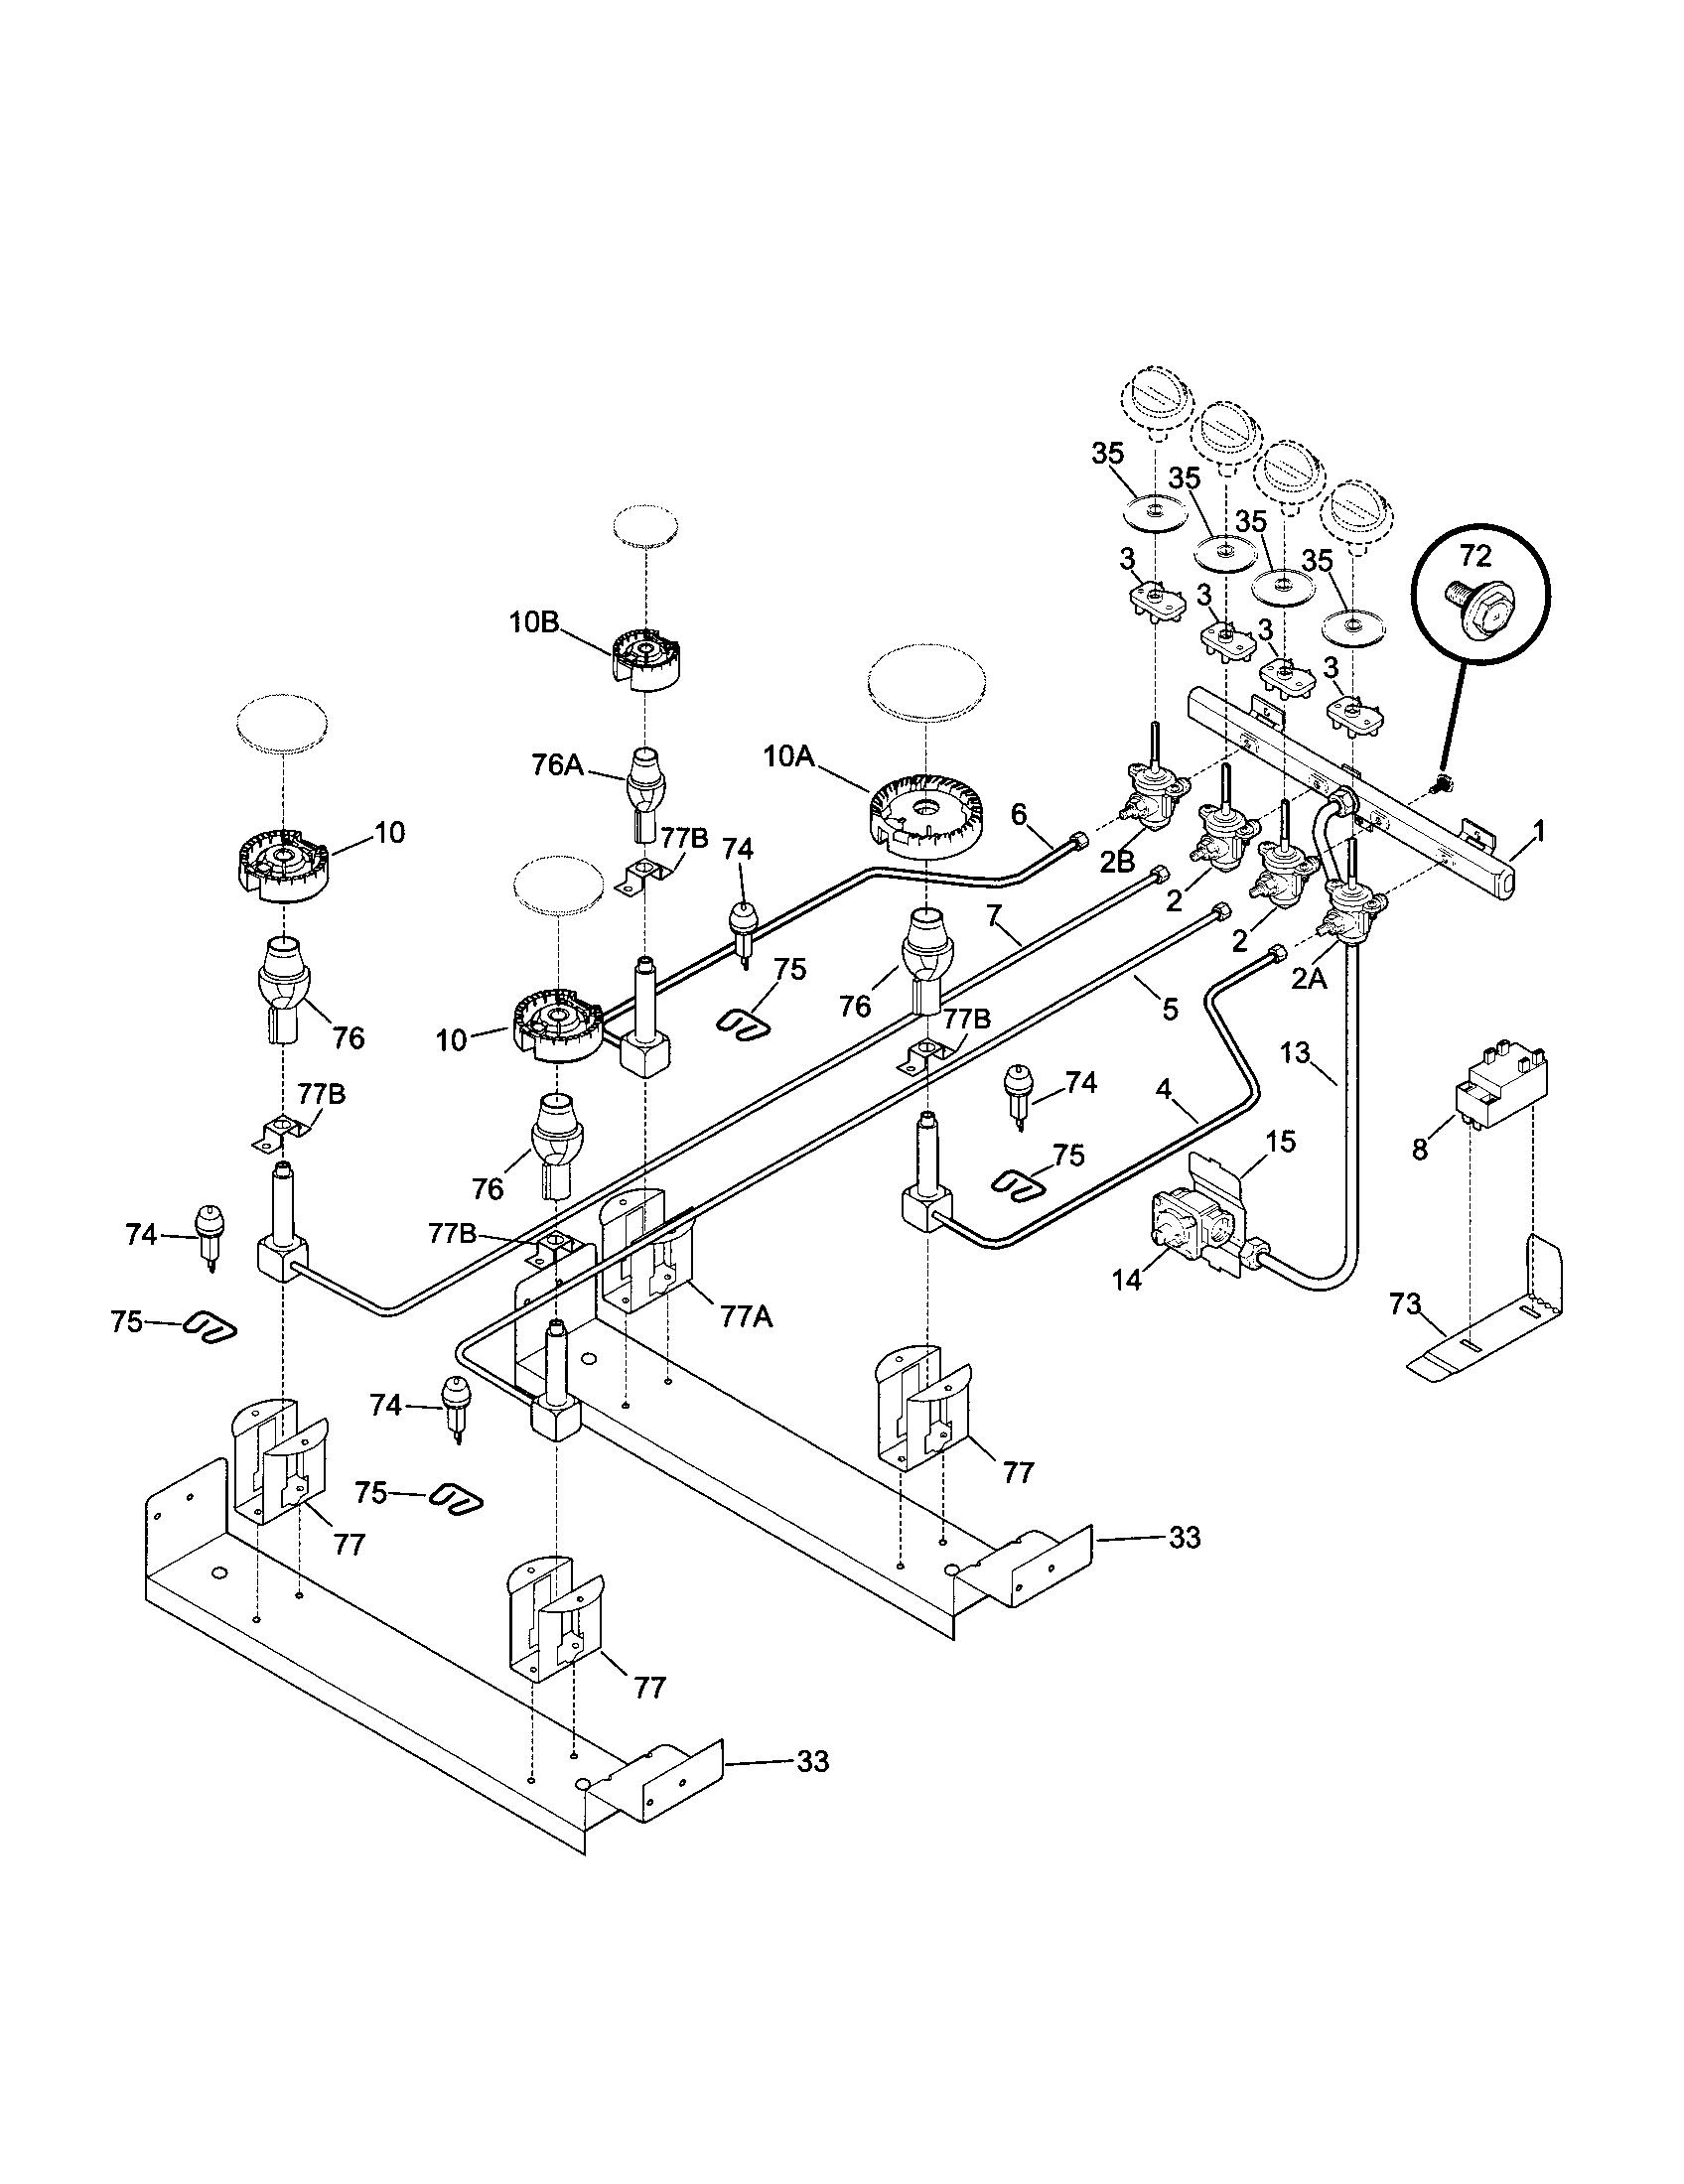 hight resolution of 79046819992 elite dual fuel slide in range burner parts diagram